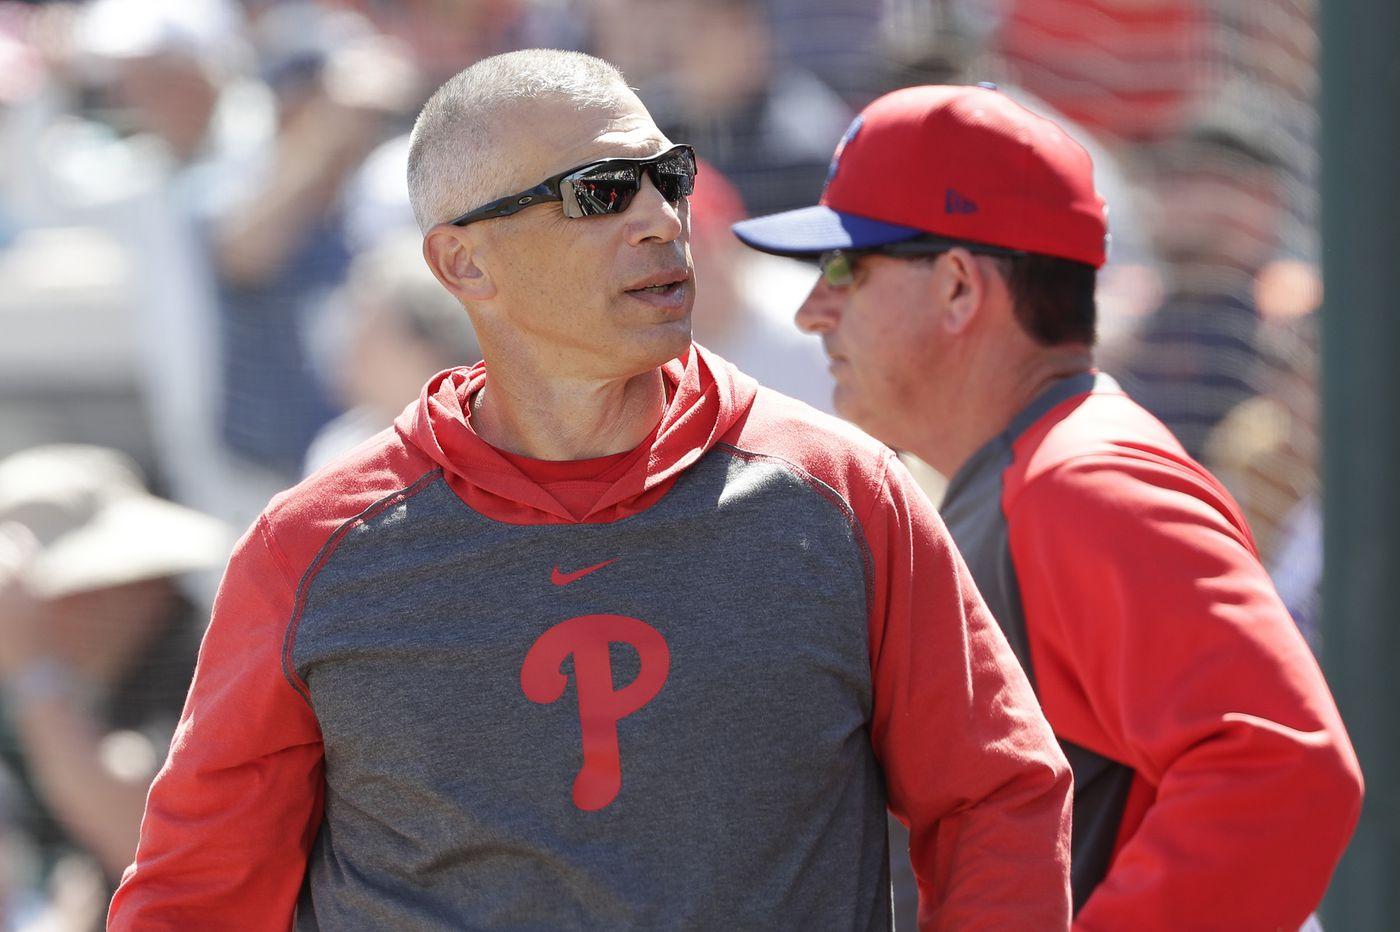 Phillies finalize Joe Girardi's coaching staff for 2021 season